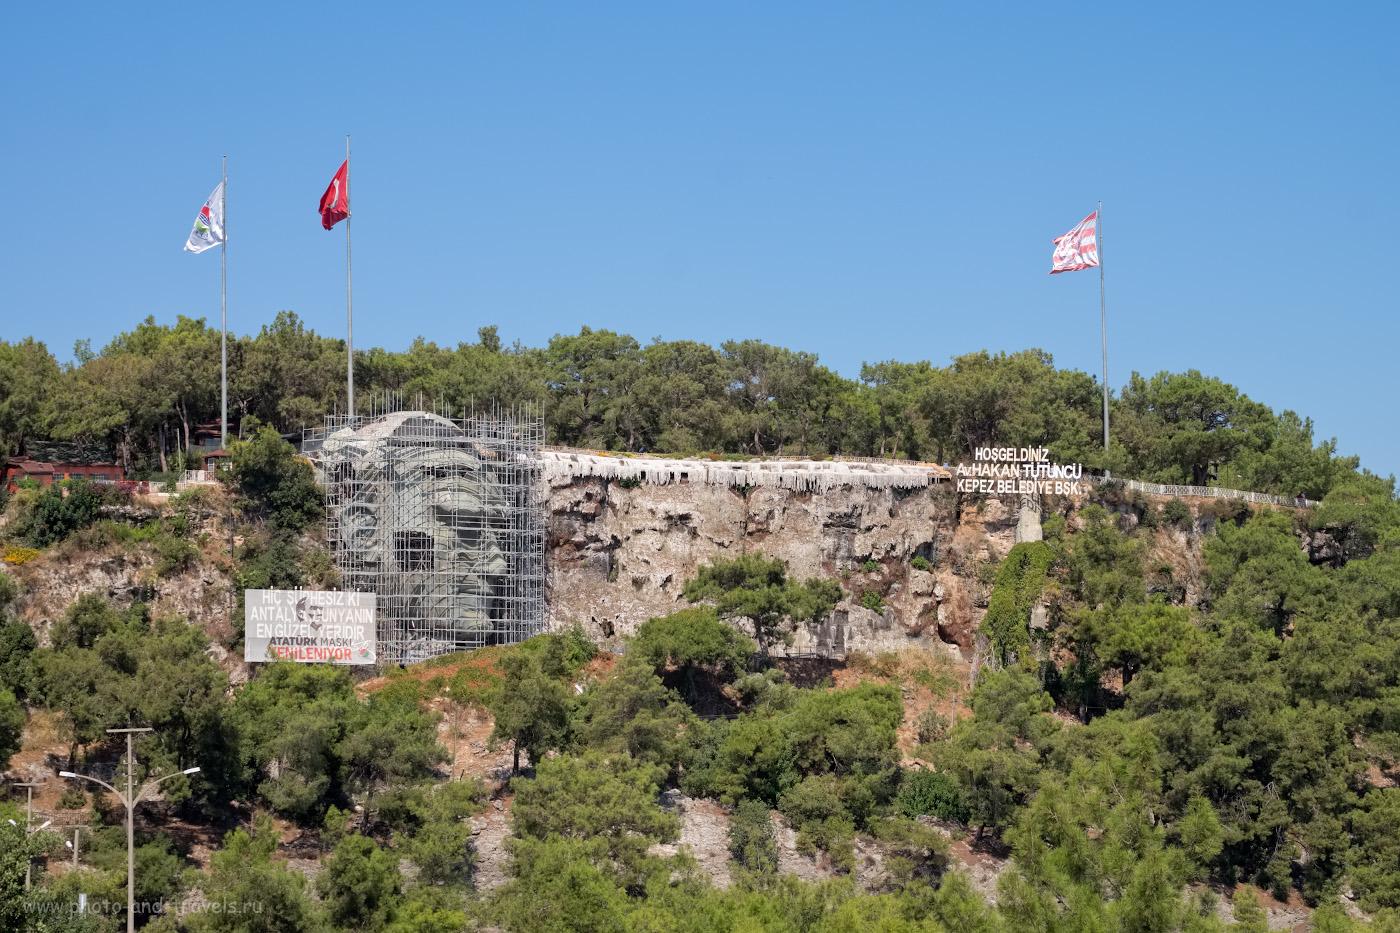 24. Голова Ататюрка. Монумент на северо-западе Анталии у смотровой площадки. Снято на Fuji X-T10 с телеобъективом Fujinon 50-200mm f/3.5-4.8. Настройки: 1/250, 9.0, 200, +0.33, 60.